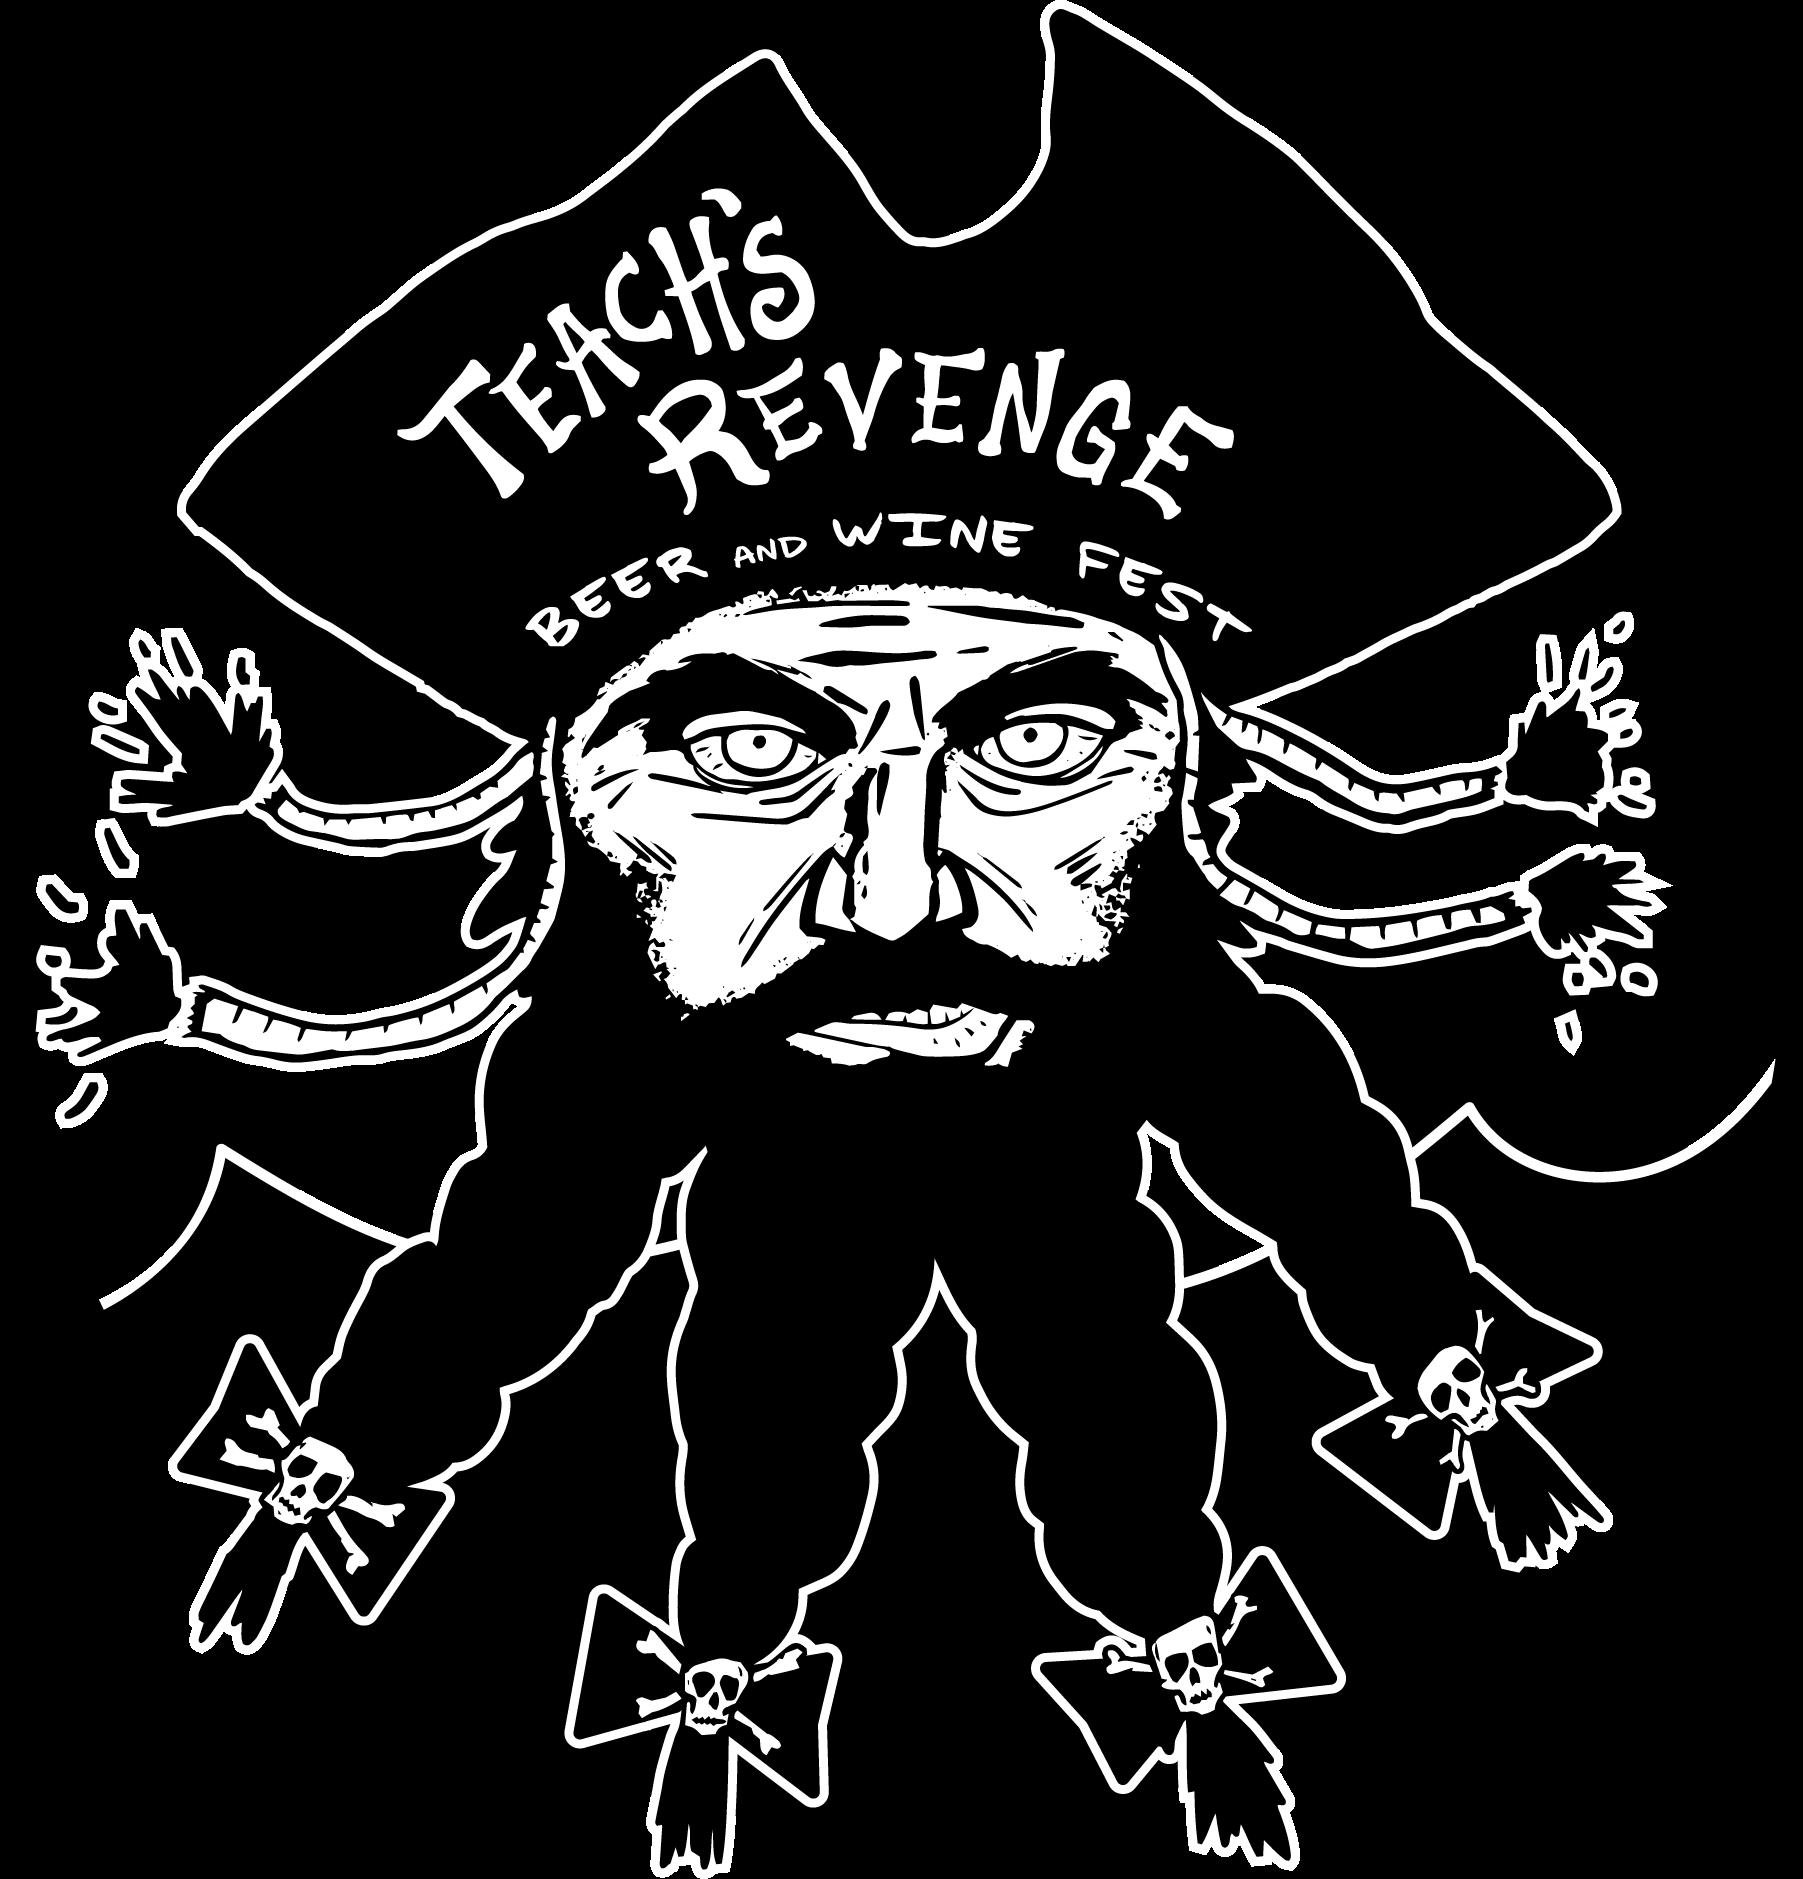 Teach's Revenge-03.png